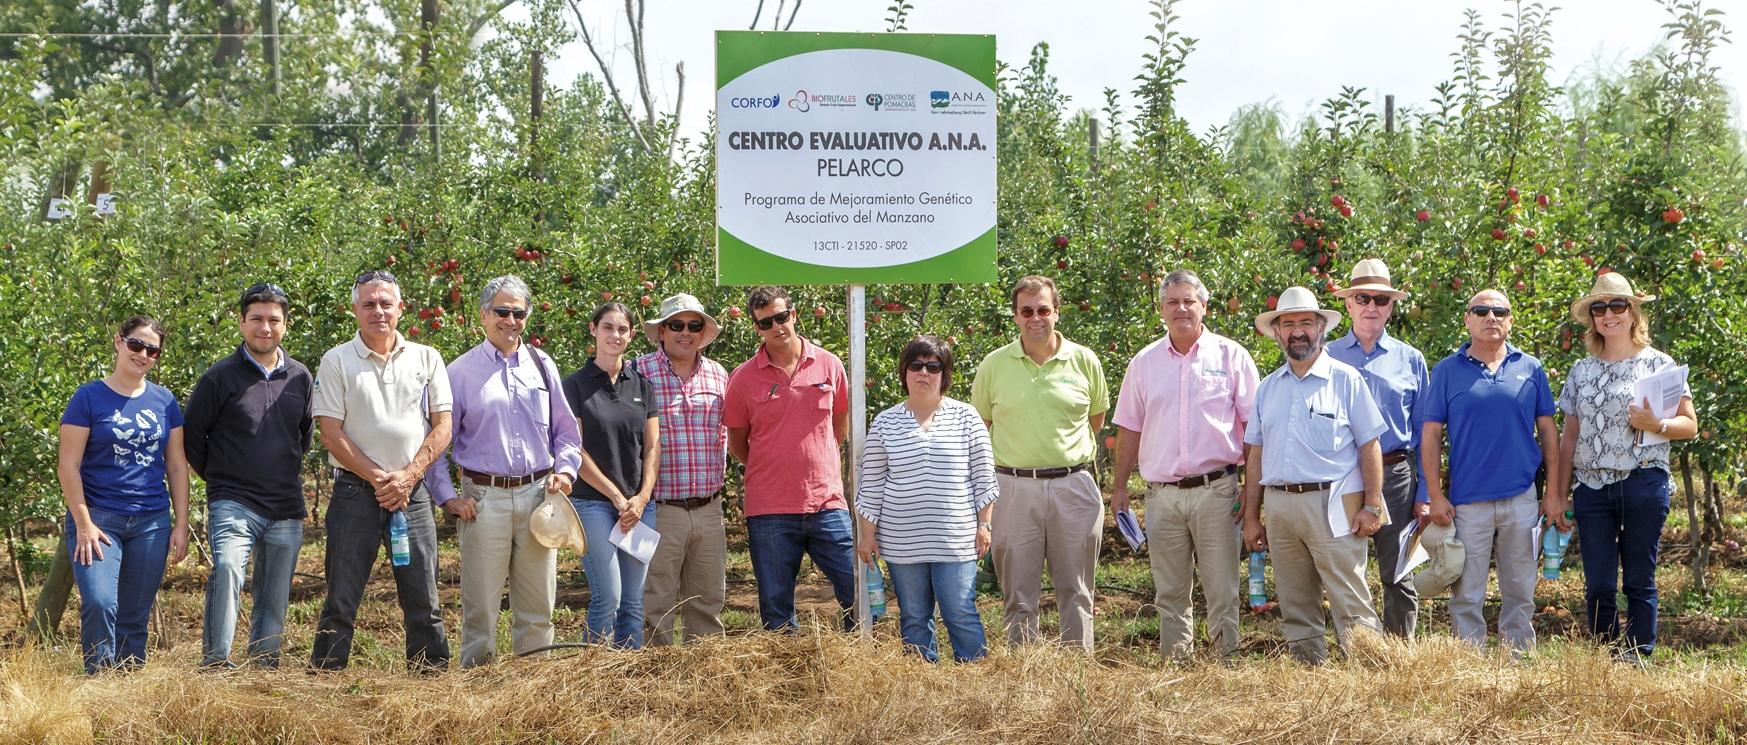 Exitoso Programa de Mejoramiento Genético en Manzano